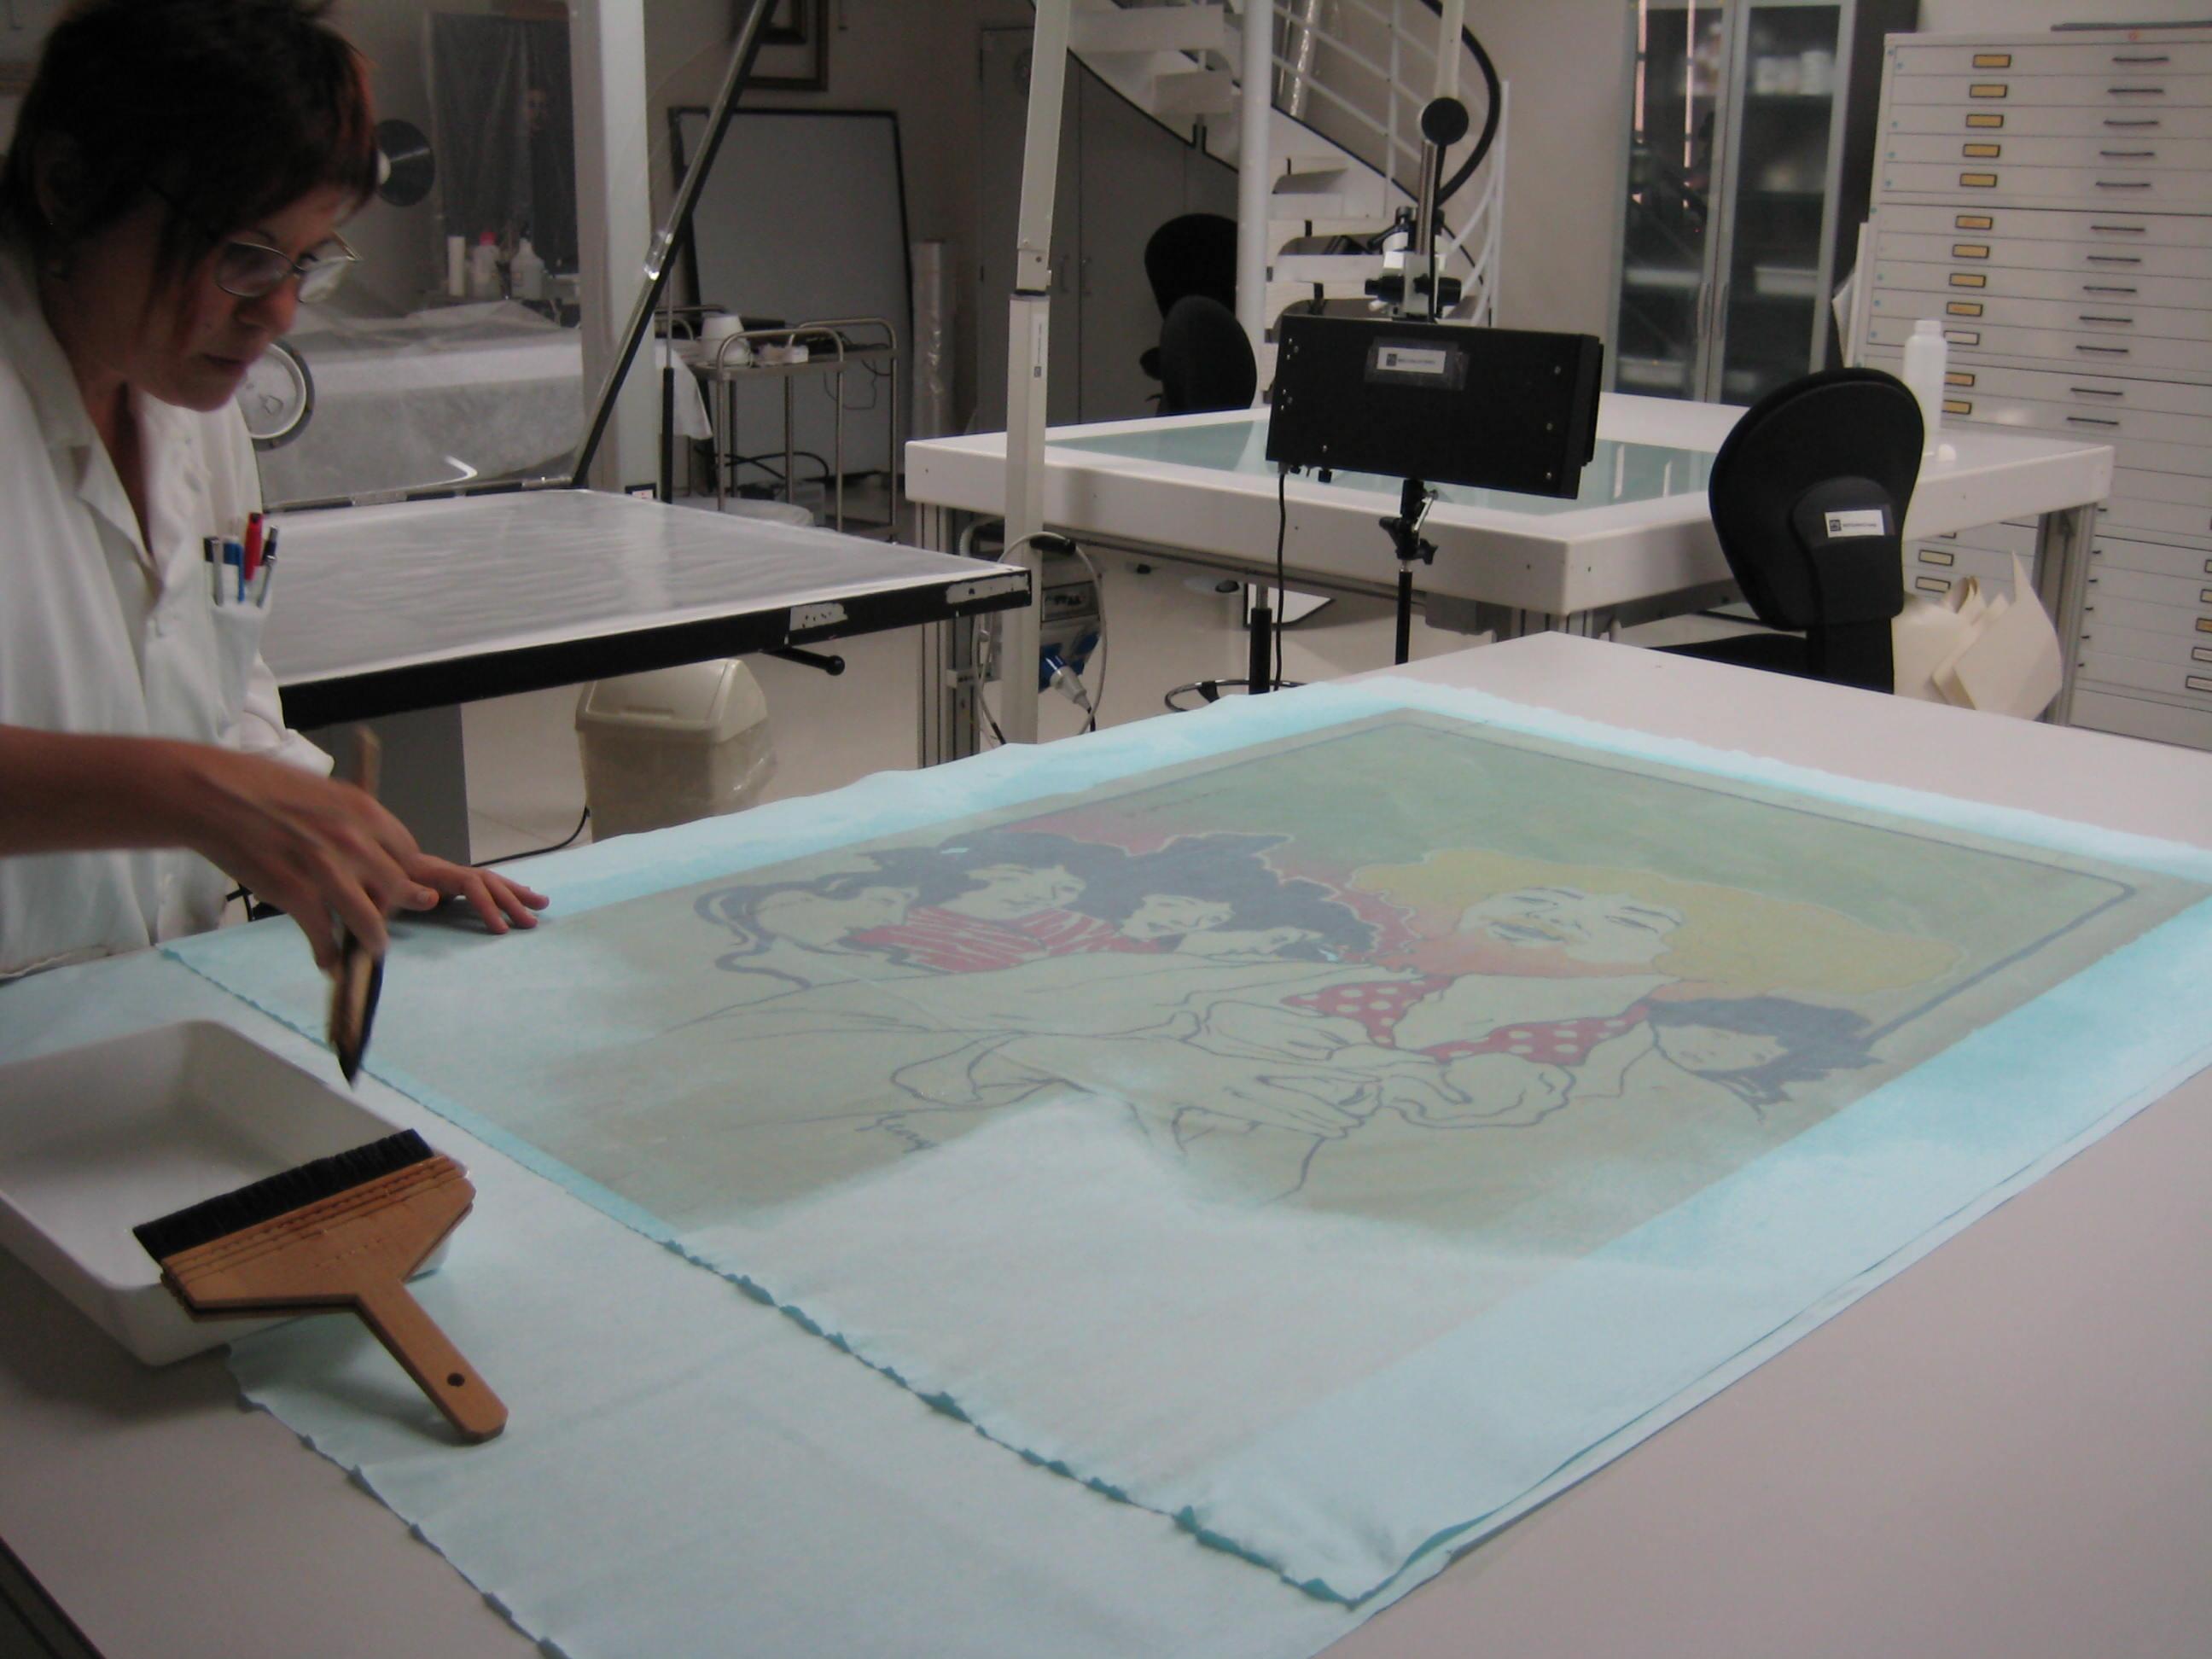 m-l-g-fay_le-quartier_1897_cartell_neteja-per-facing_ombres-xineses